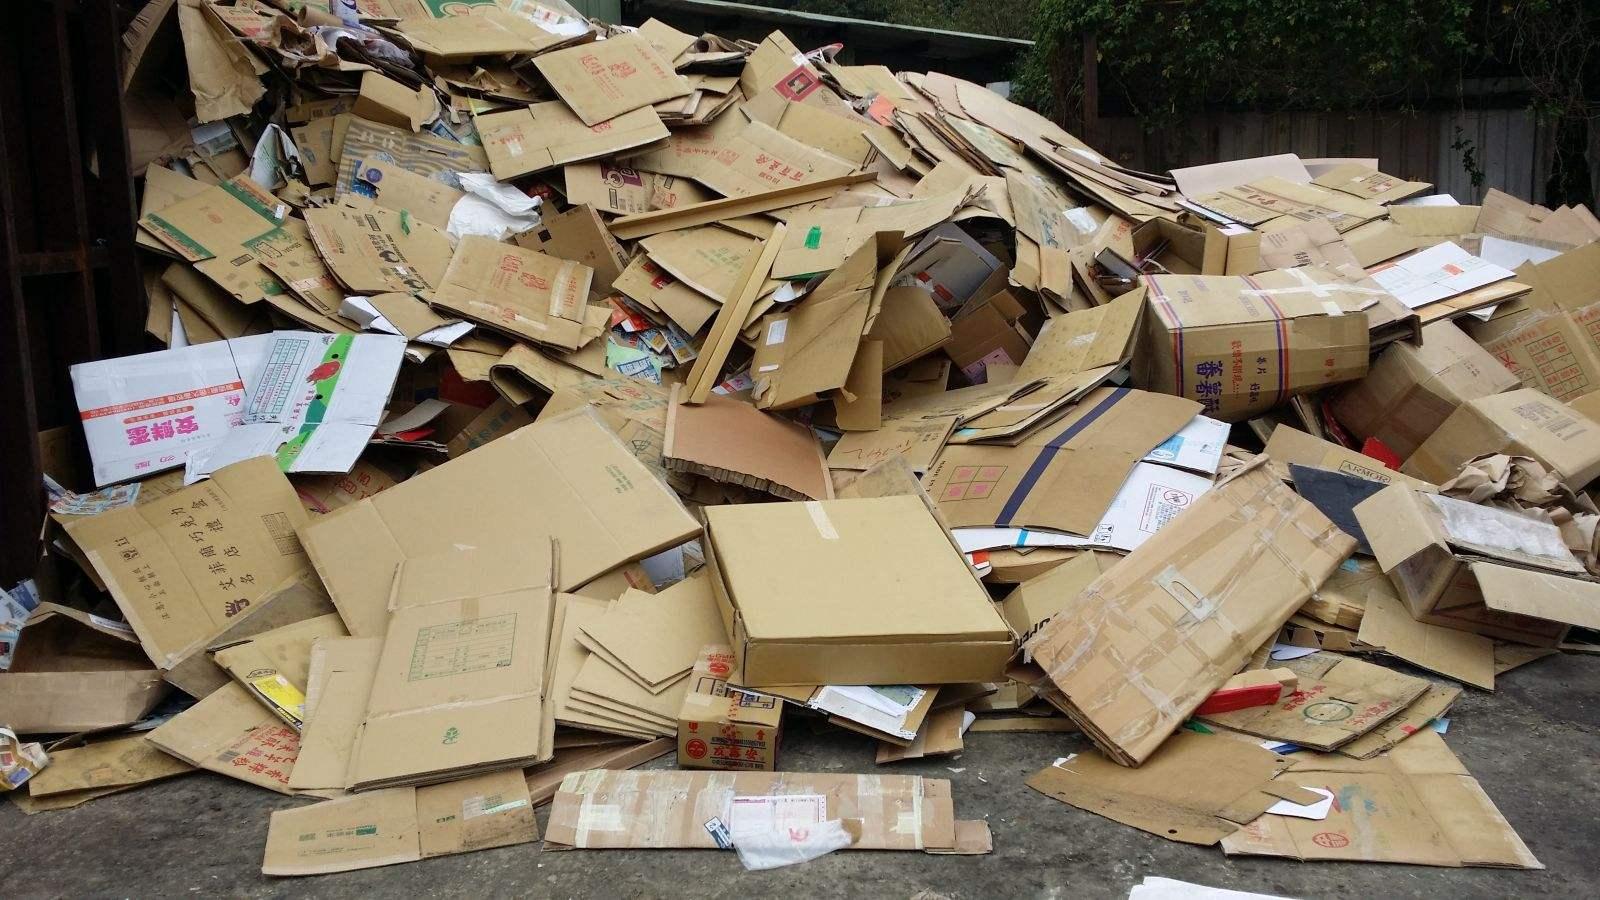 废纸涨价潮持续 为何远超废旧钢铁?